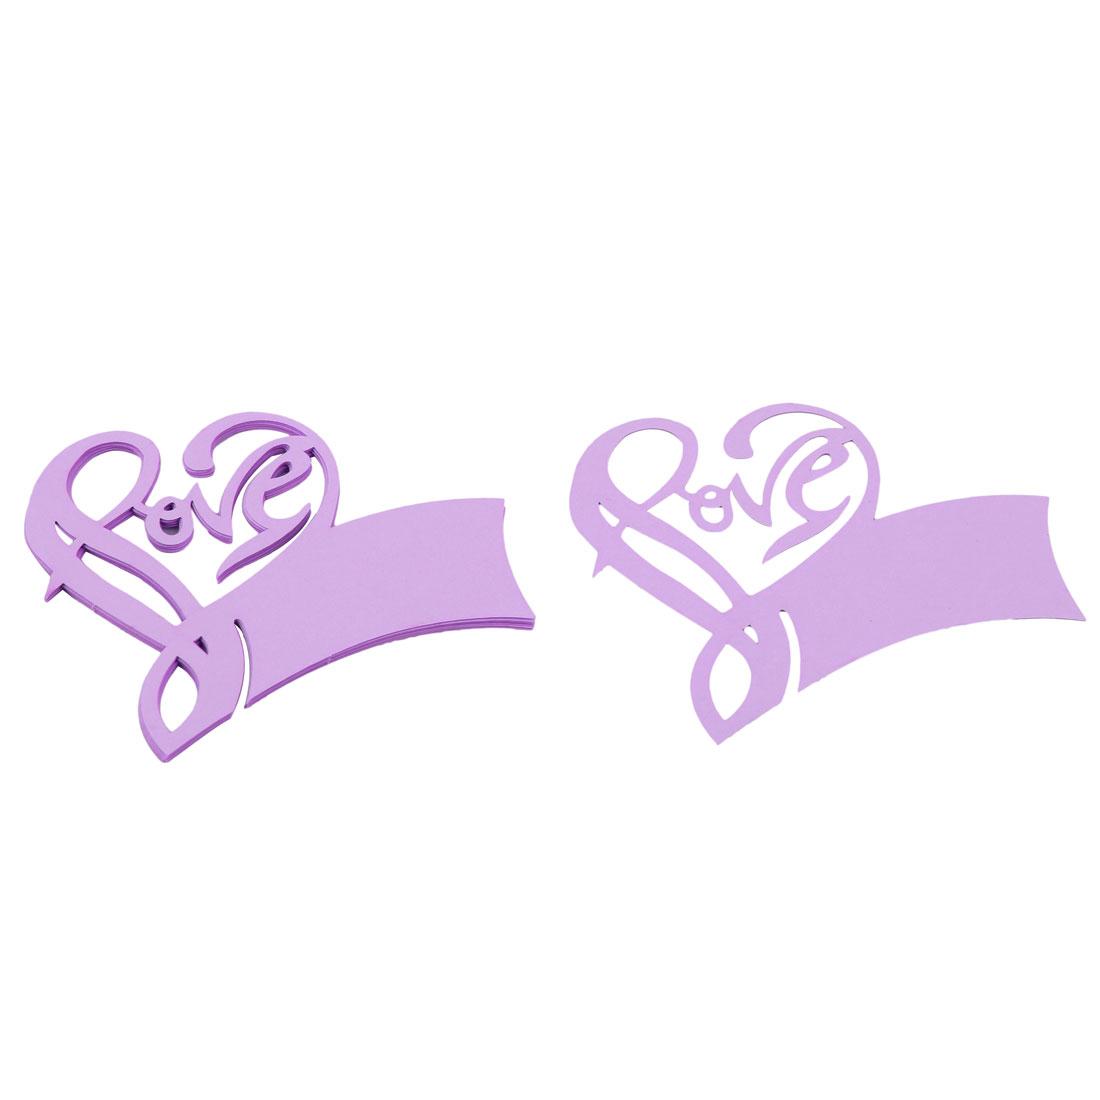 Love Shape Hallow Out Laser Cut Name Place Wine Glass Cards Drak Purple 10pcs